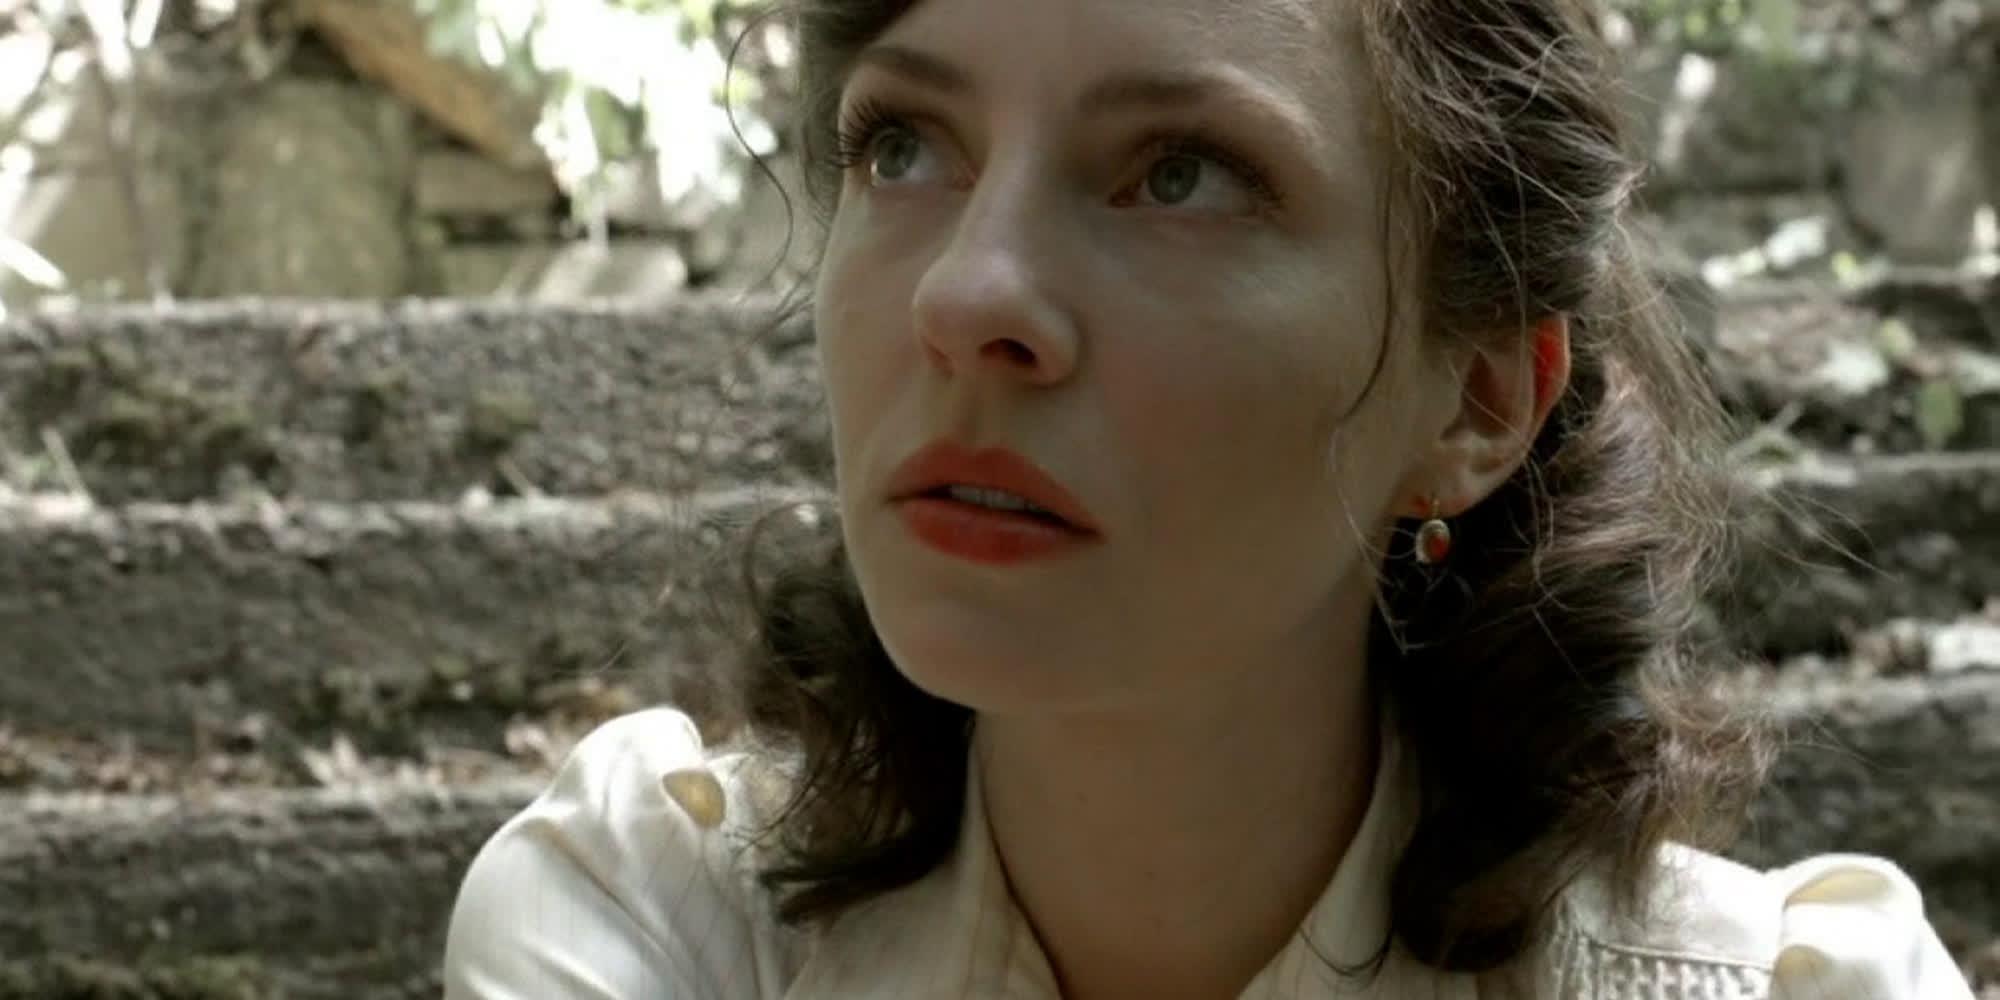 Utsnitt fra serien Krigens unge hjerter.